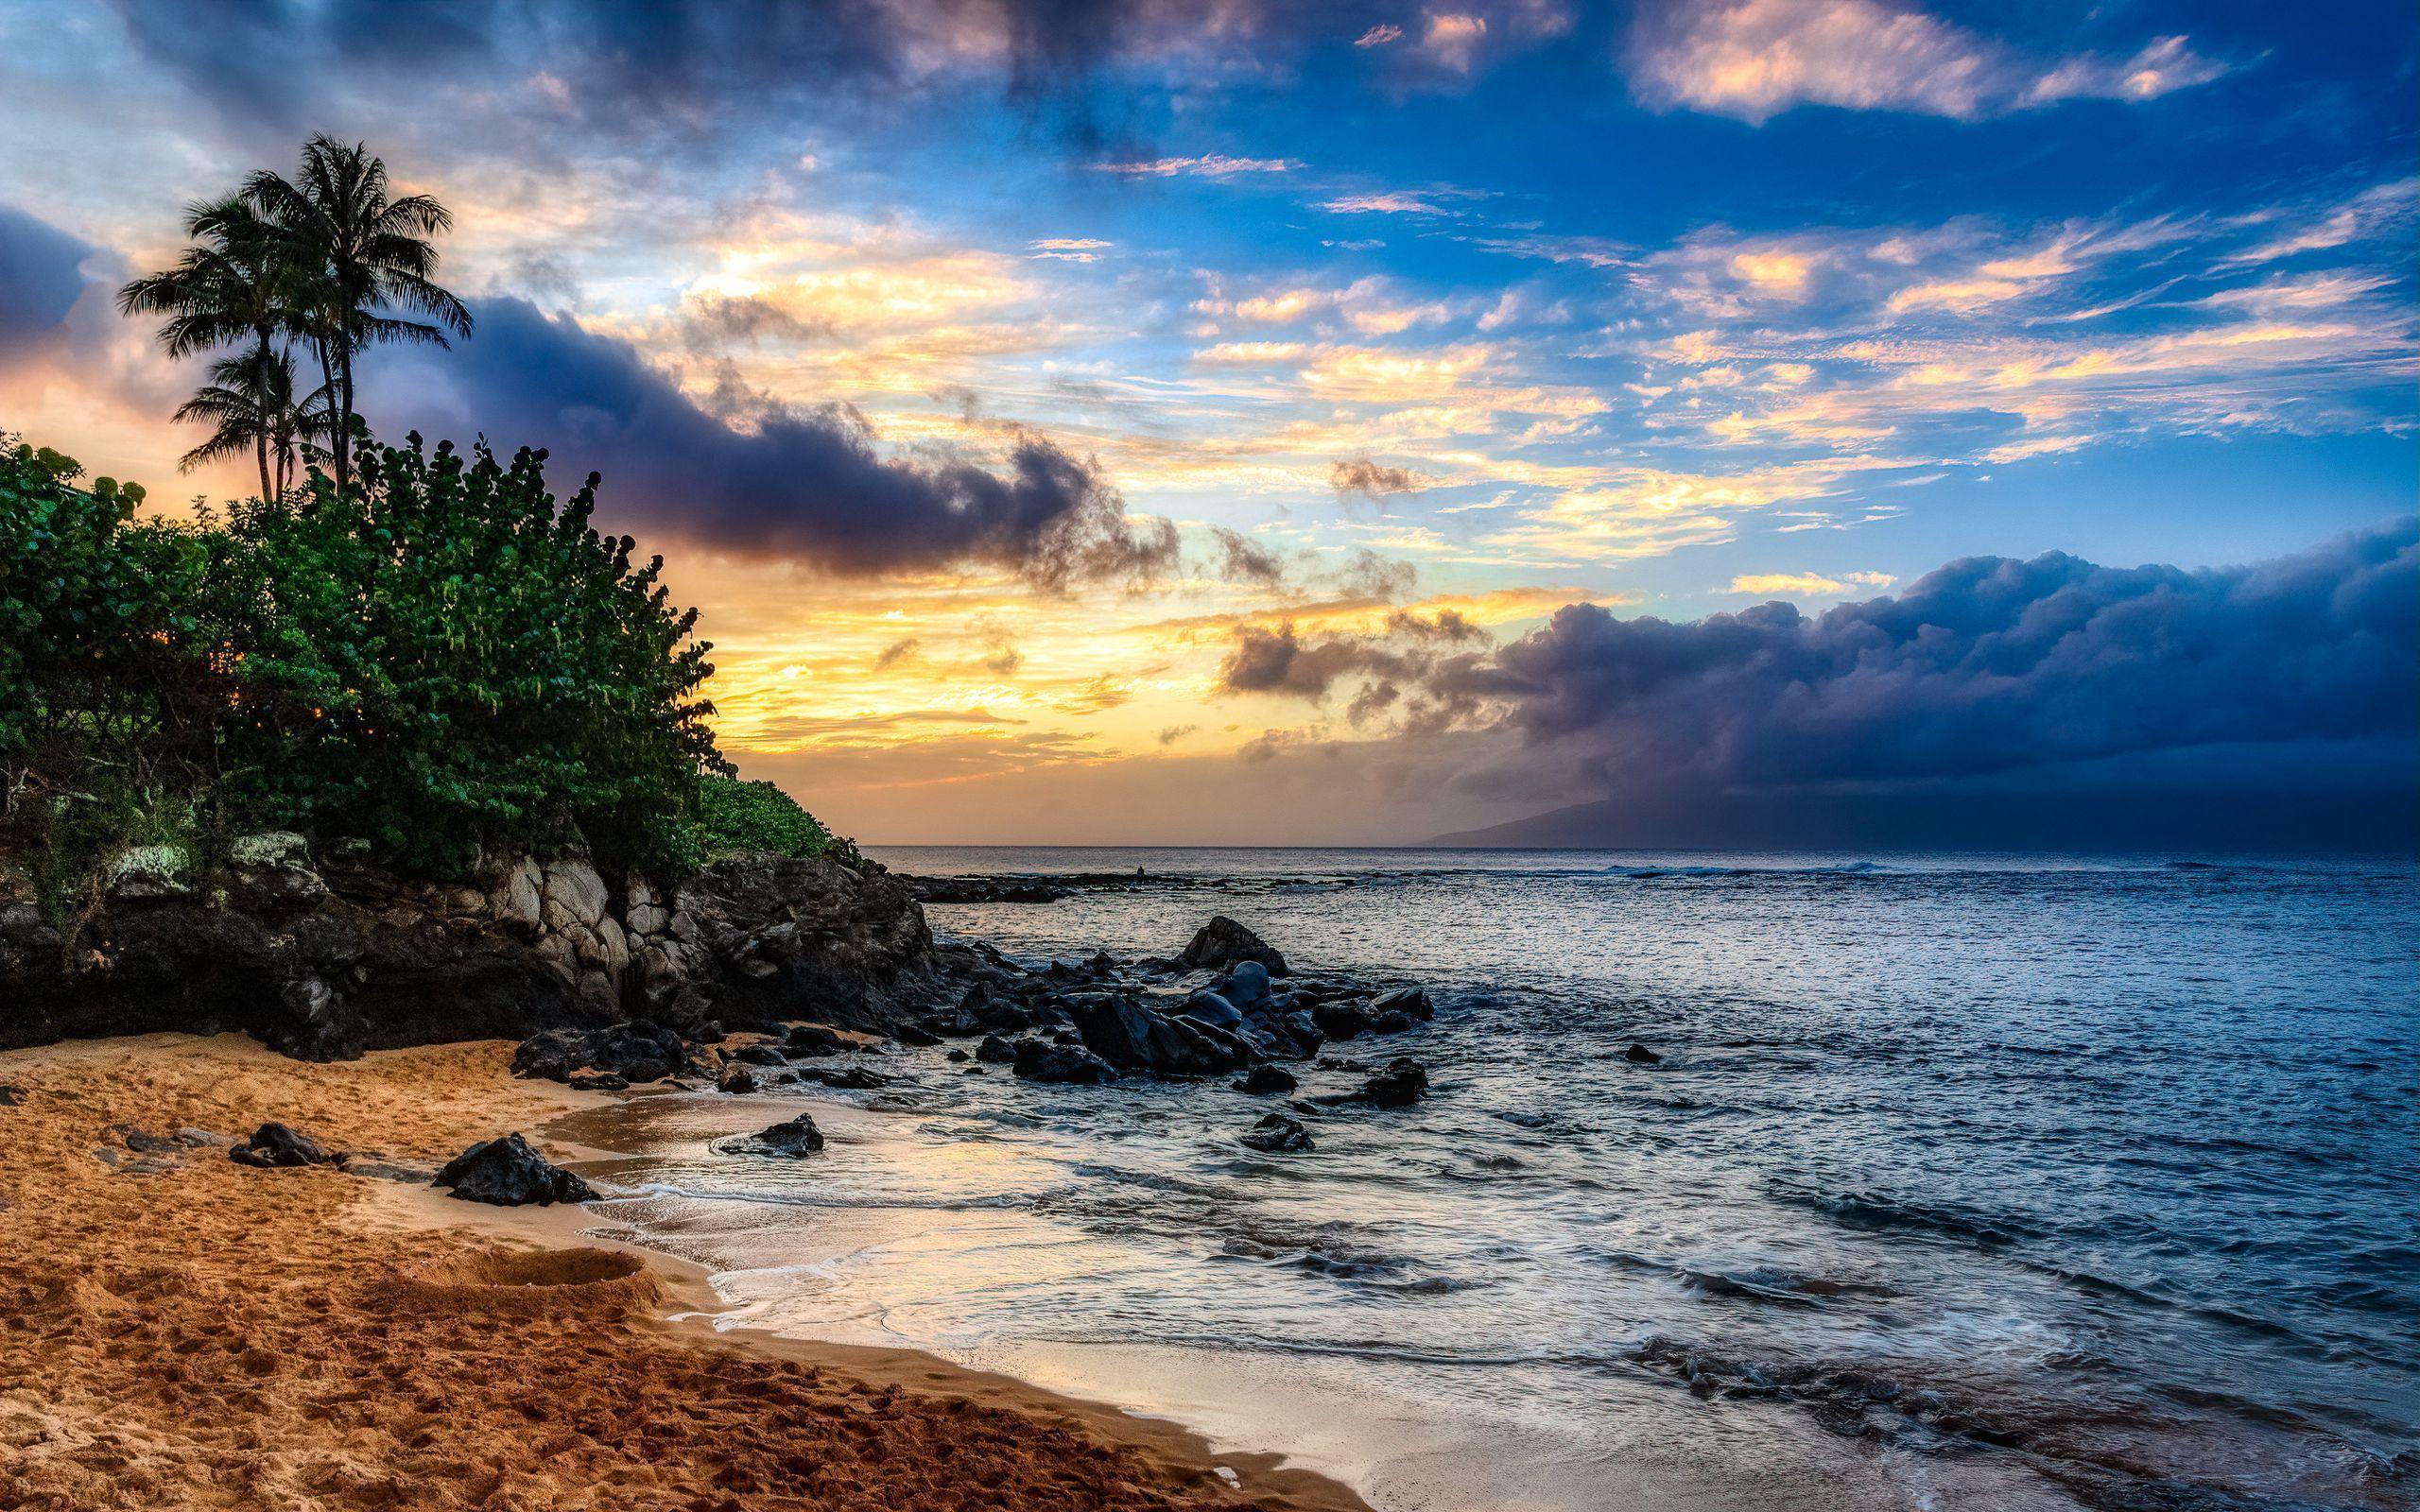 2560x1600 Tải xuống hình nền 2560x1600 đảo, bãi biển, cây cọ màn hình rộng 16:10 nền HD